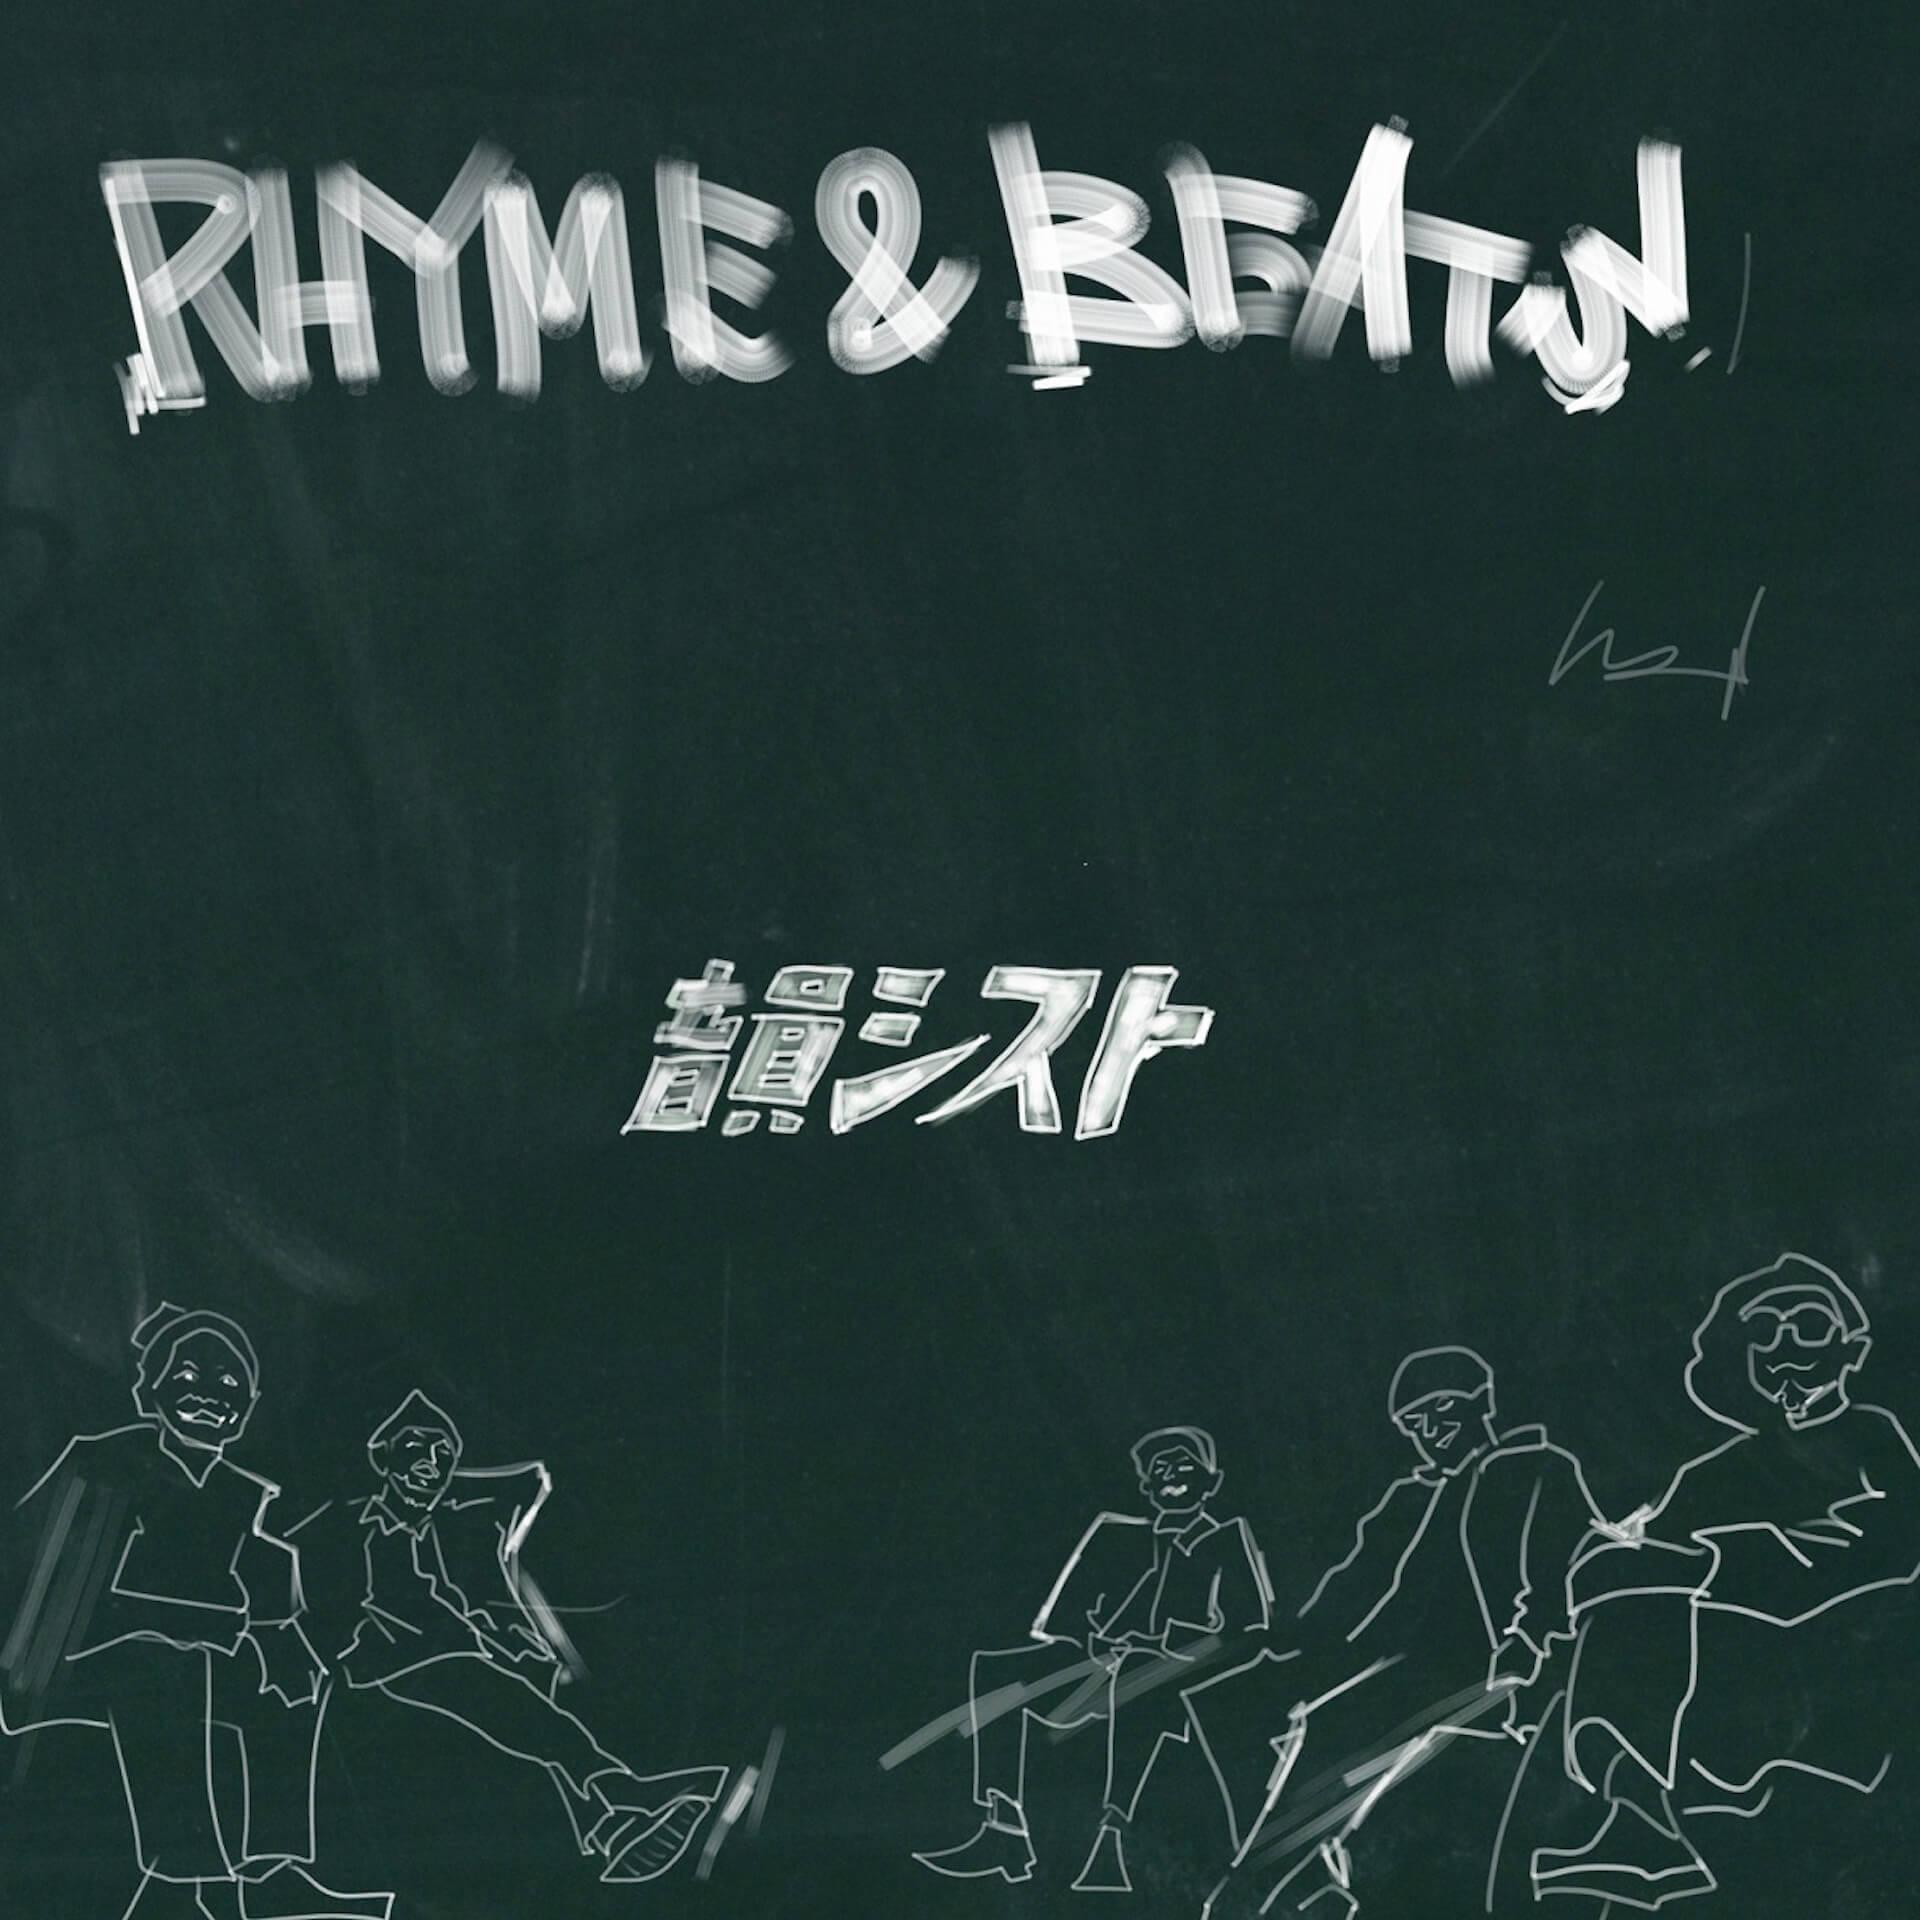 """韻シストの新ミニアルバム『HARVEST』がリリース決定!新曲""""RHYME&BEATS""""が本日配信 music210526_insist_3"""